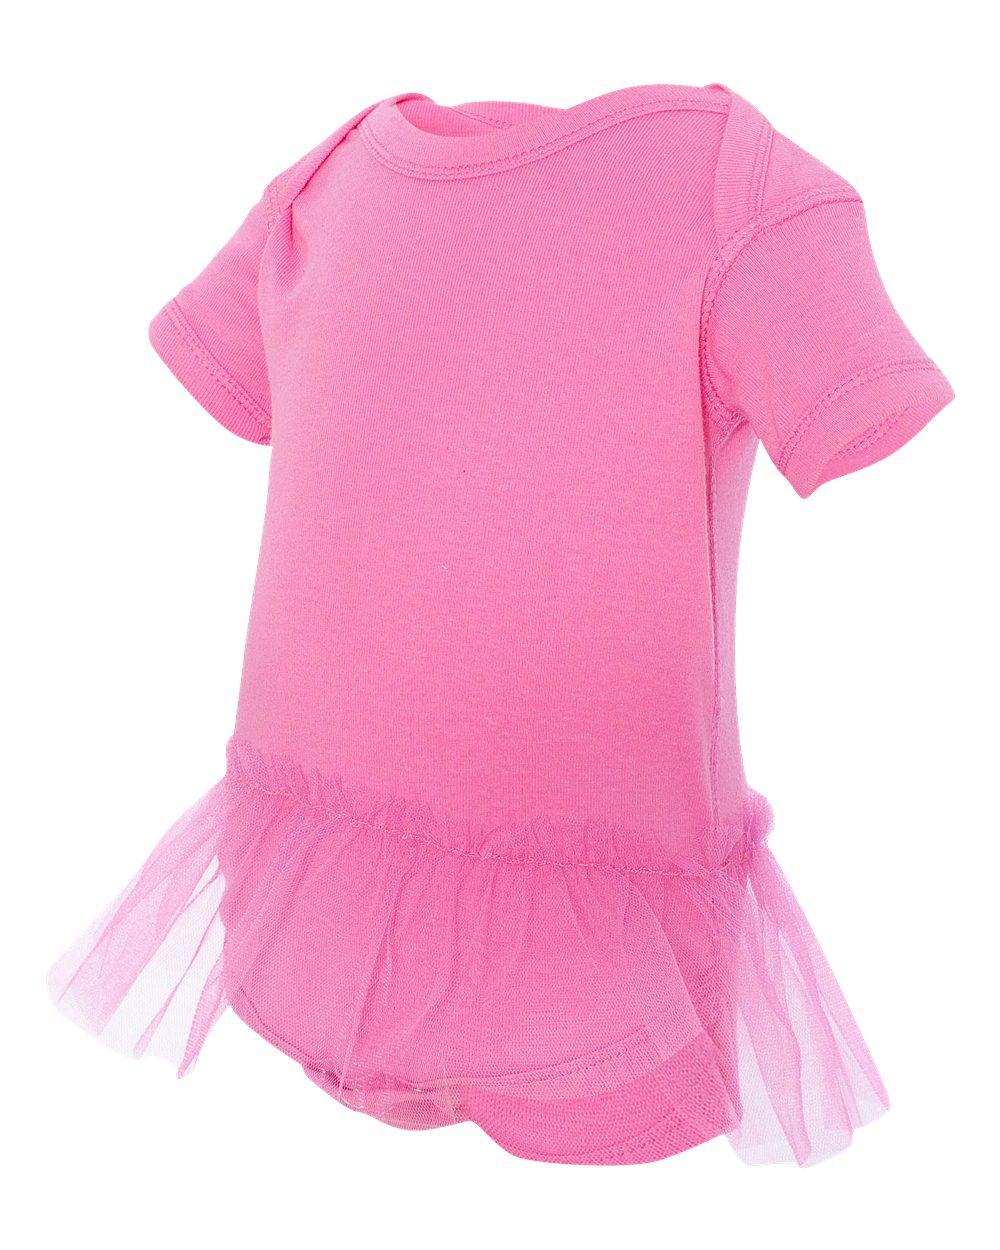 Rabbit Skins 4422 Infant Tutu Baby Rib Bodysuit